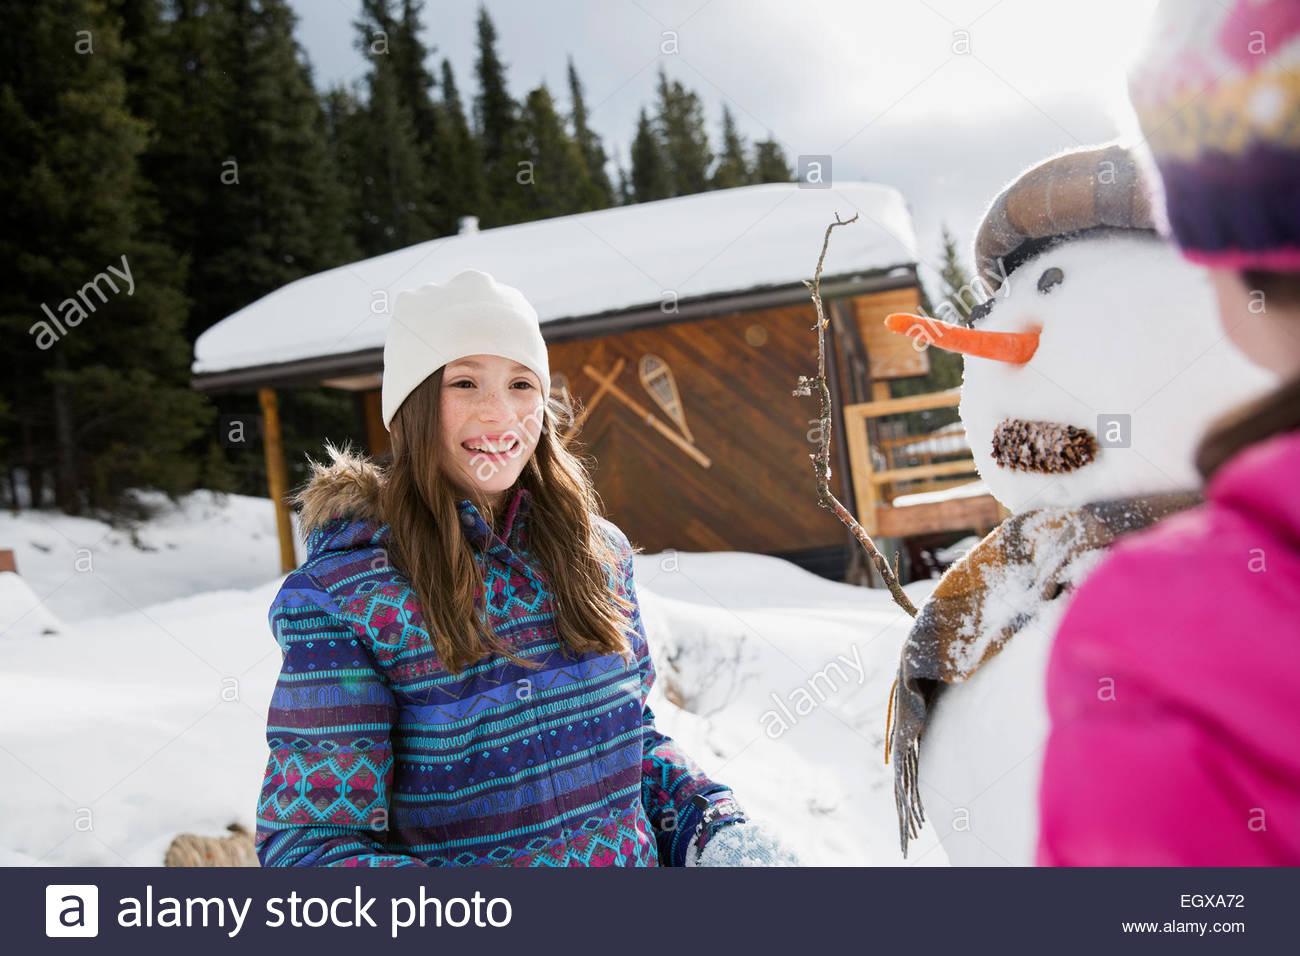 Chica sonriente haciendo el muñeco de nieve Imagen De Stock